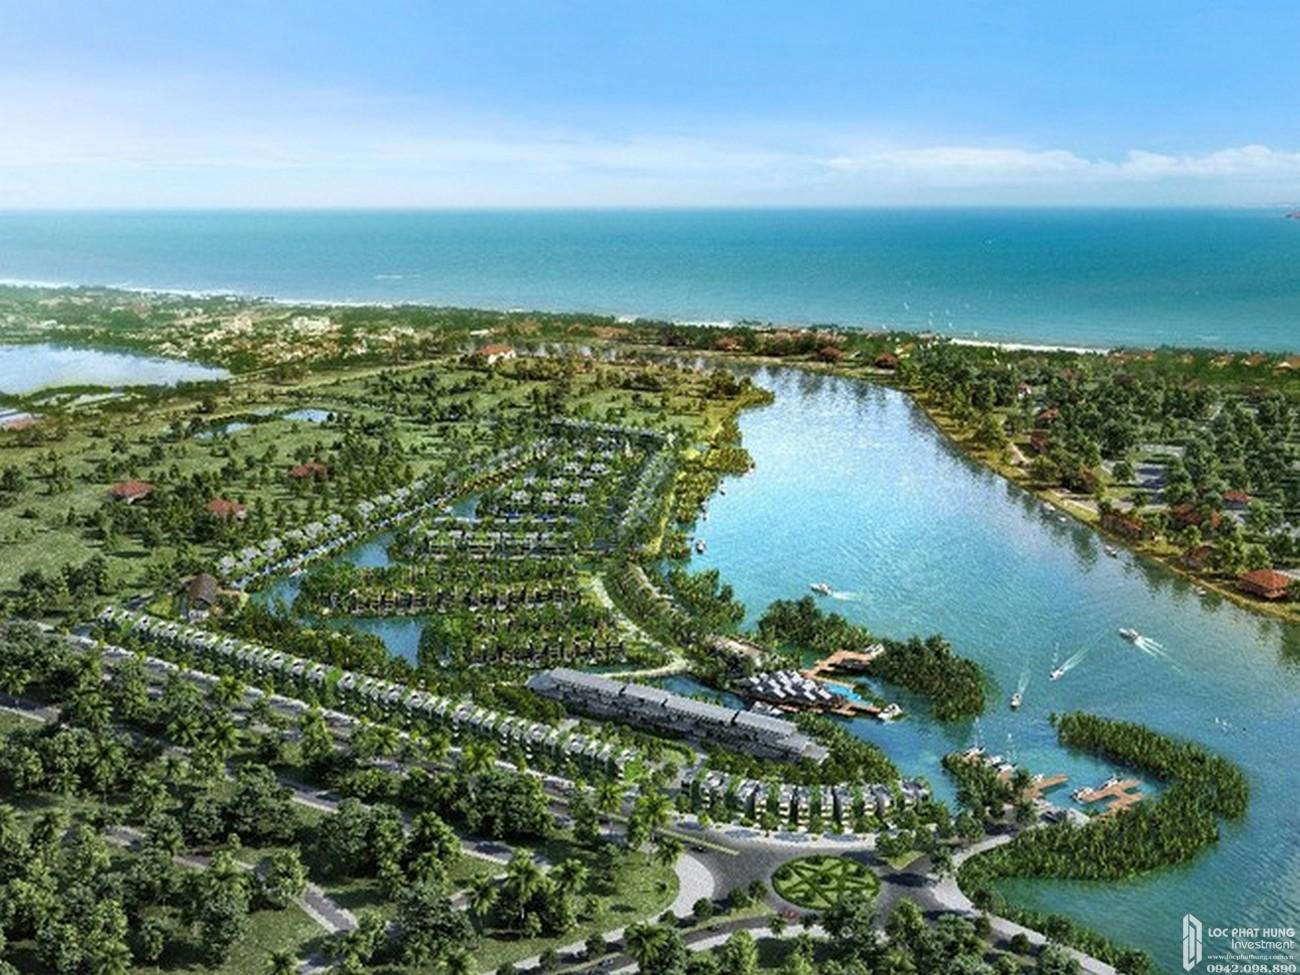 Phối cảnh tổng thể dự án khu đô thị Casamia Hội An chủ đầu tư Đạt Phương